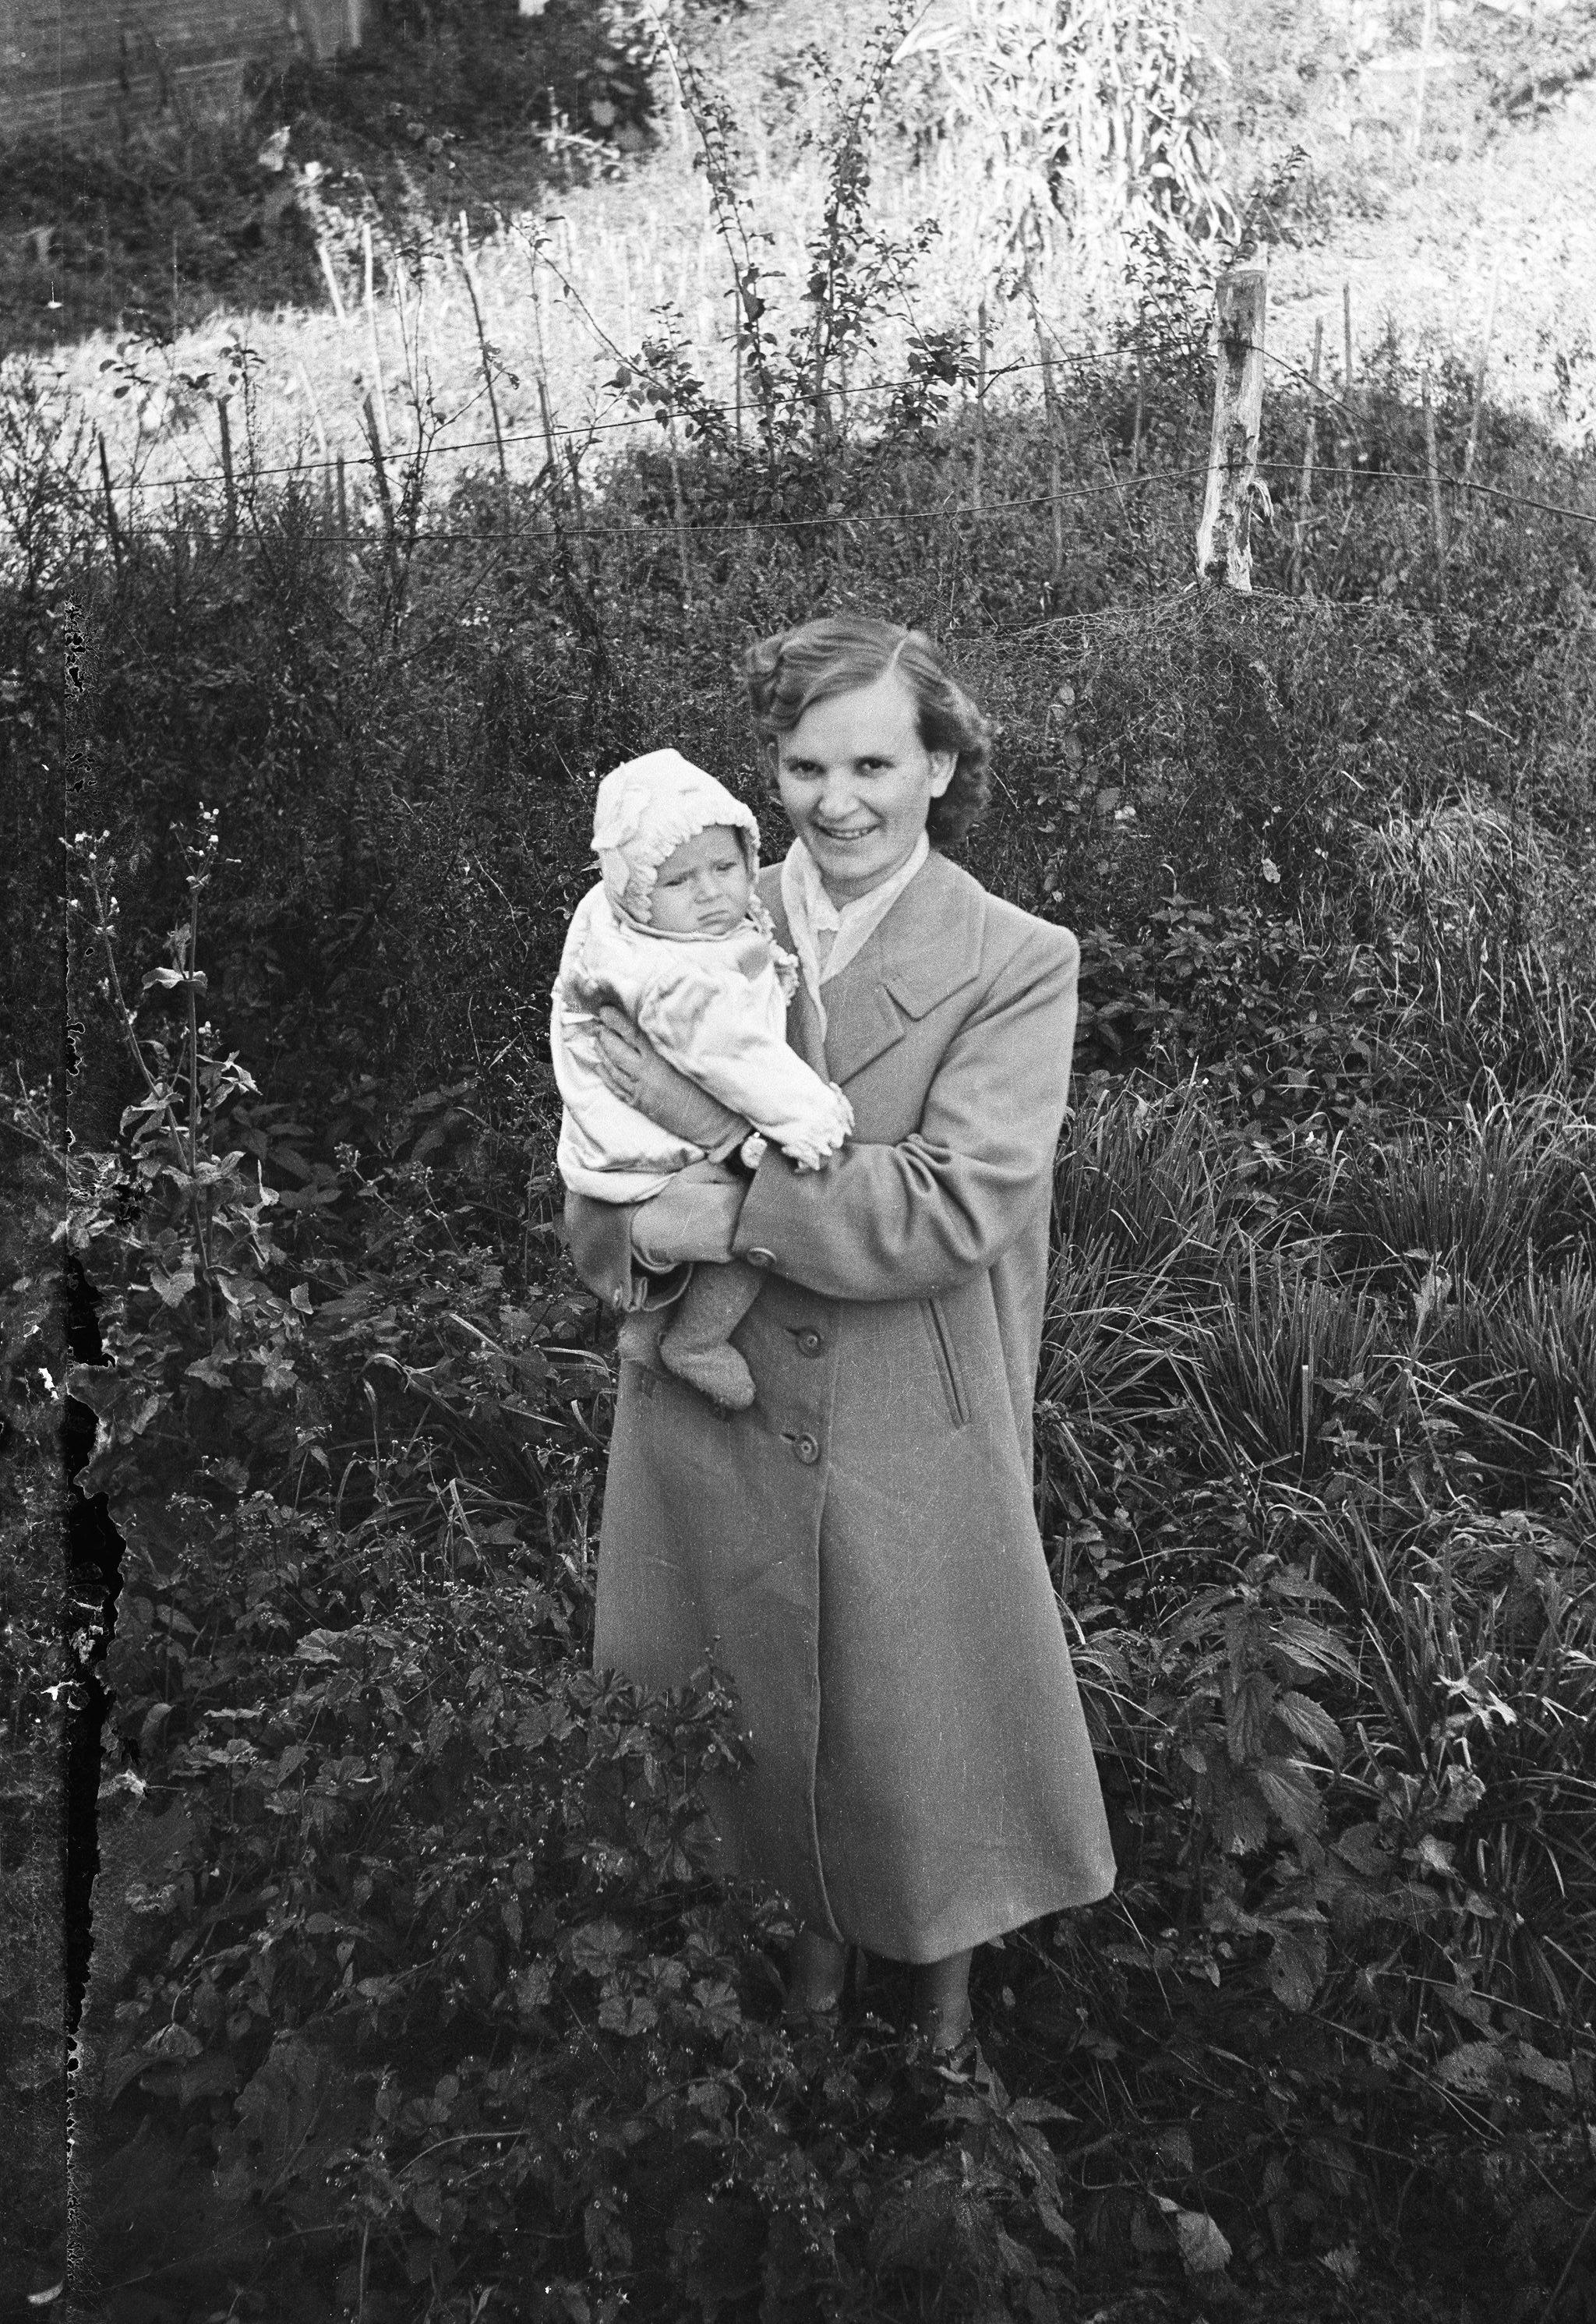 Wanda  Bajer z dzieckiem siostry, Głębowice, Dolny Śląsk, lata 50. XX w.